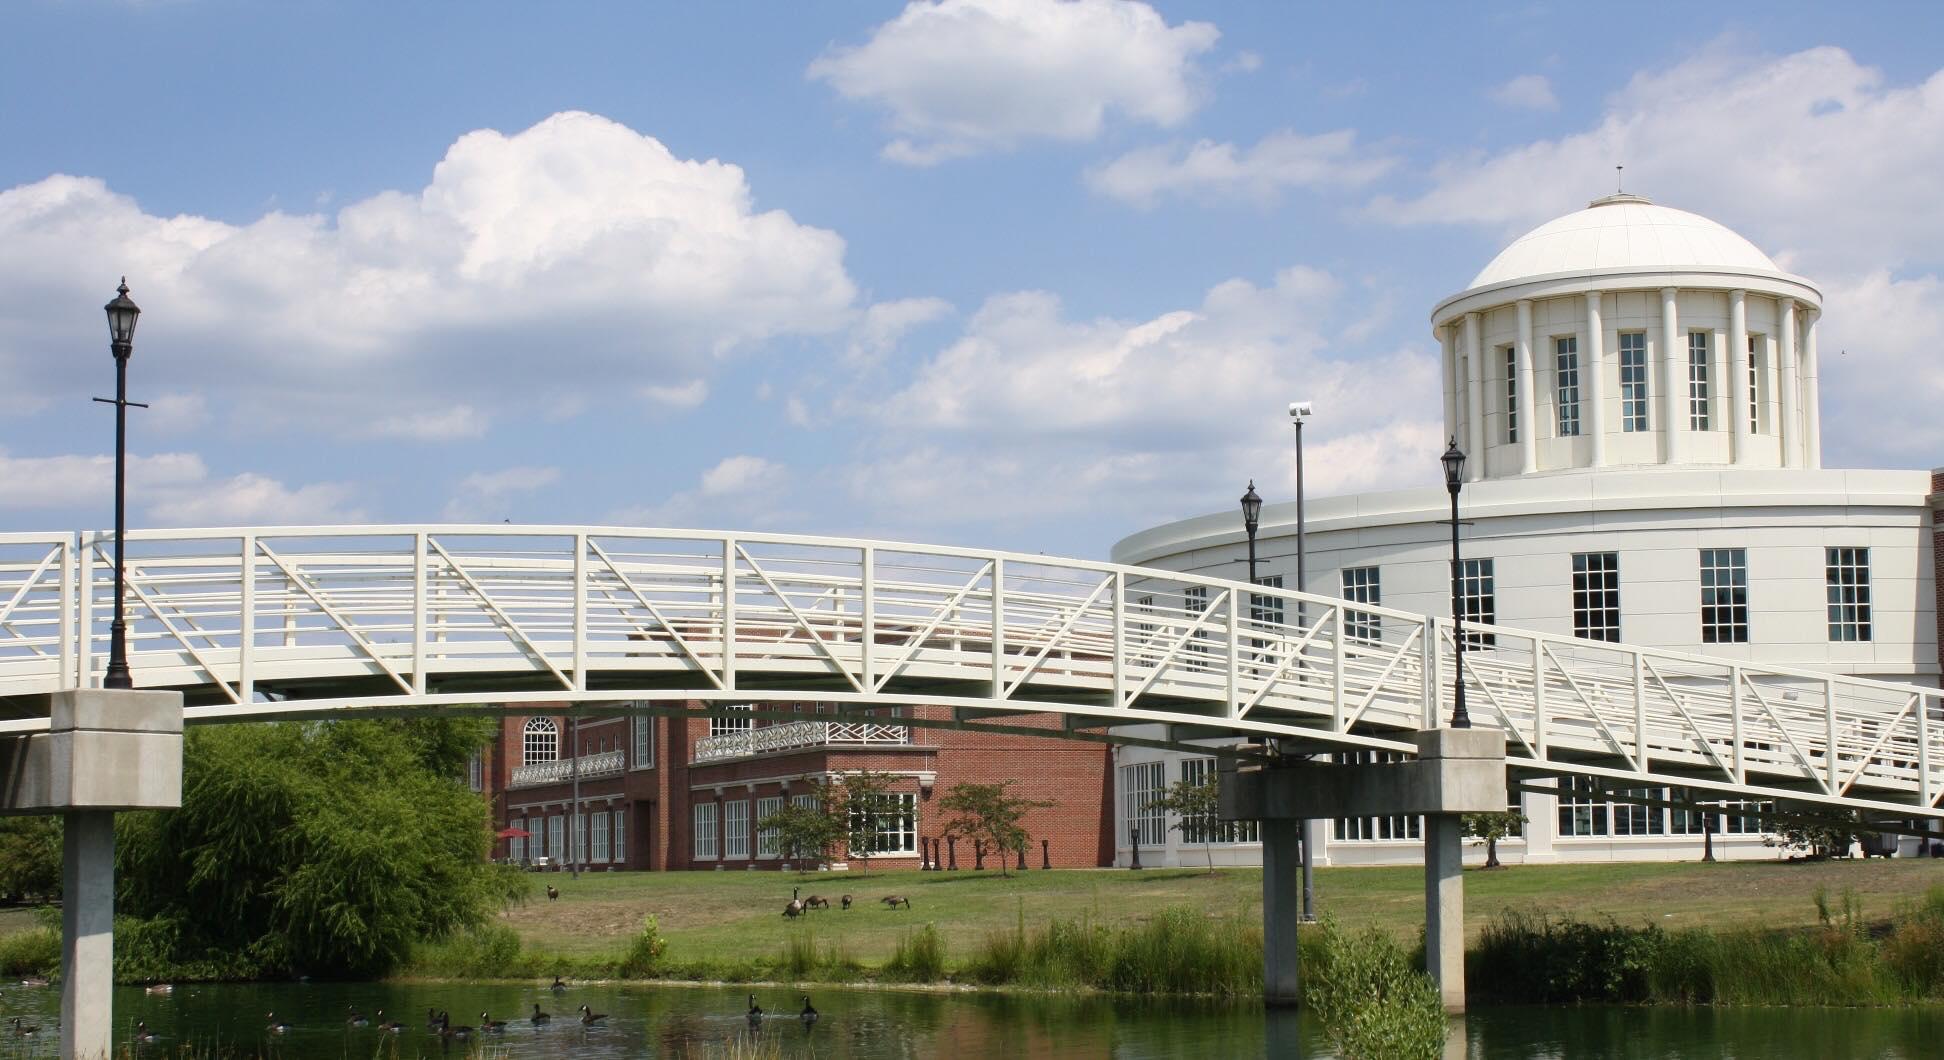 University of Maryland Eastern Shore – UMES Campus